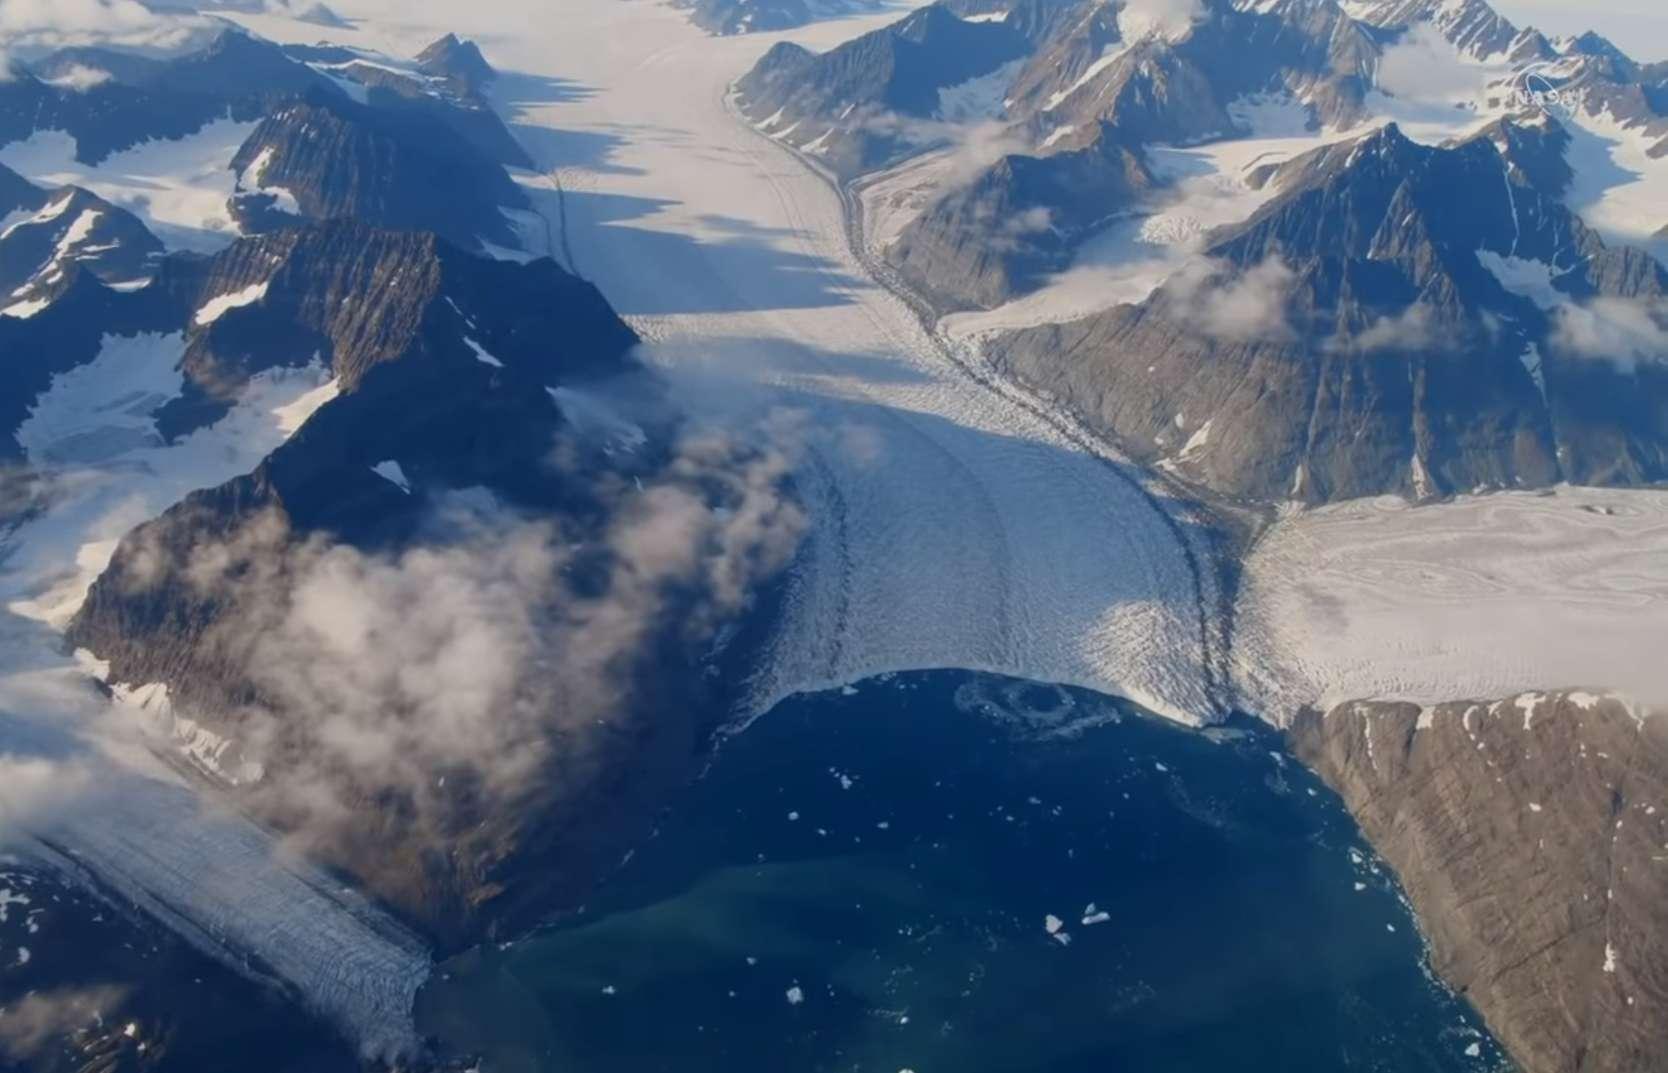 Le glacier Jakobshavn est le plus grand glacier du Groenland, mais aussi celui qui s'écoule et qui perd de la glace le plus rapidement du pays. Il est en recul continu depuis le début des années 2000. Baigné par des eaux historiquement plus froides depuis 2016, il a cependant ralenti et recommencé à s'épaissir… provisoirement. © Nasa's Goddard Space Flight Center/Kathryn Mersmann